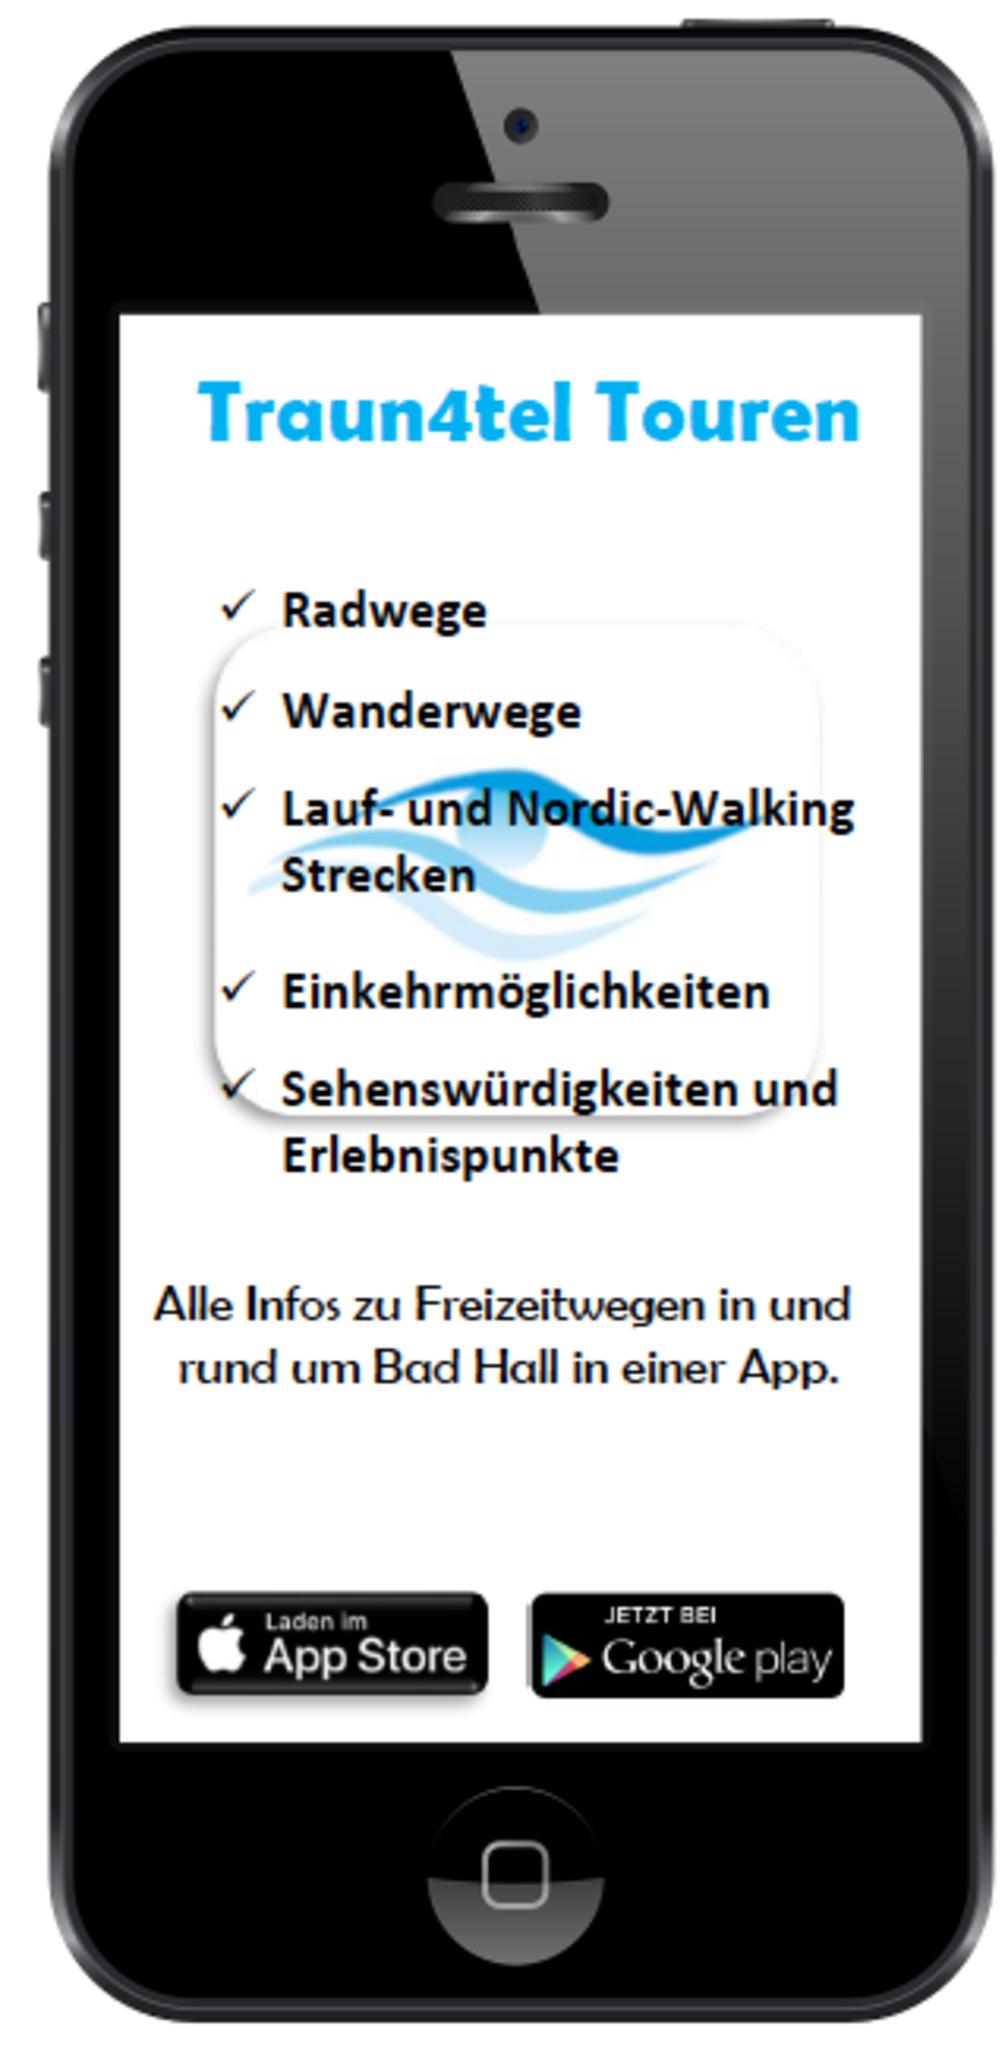 Traun4tler Tour: Neue Freizeitwege App für Bad Hall Steyr